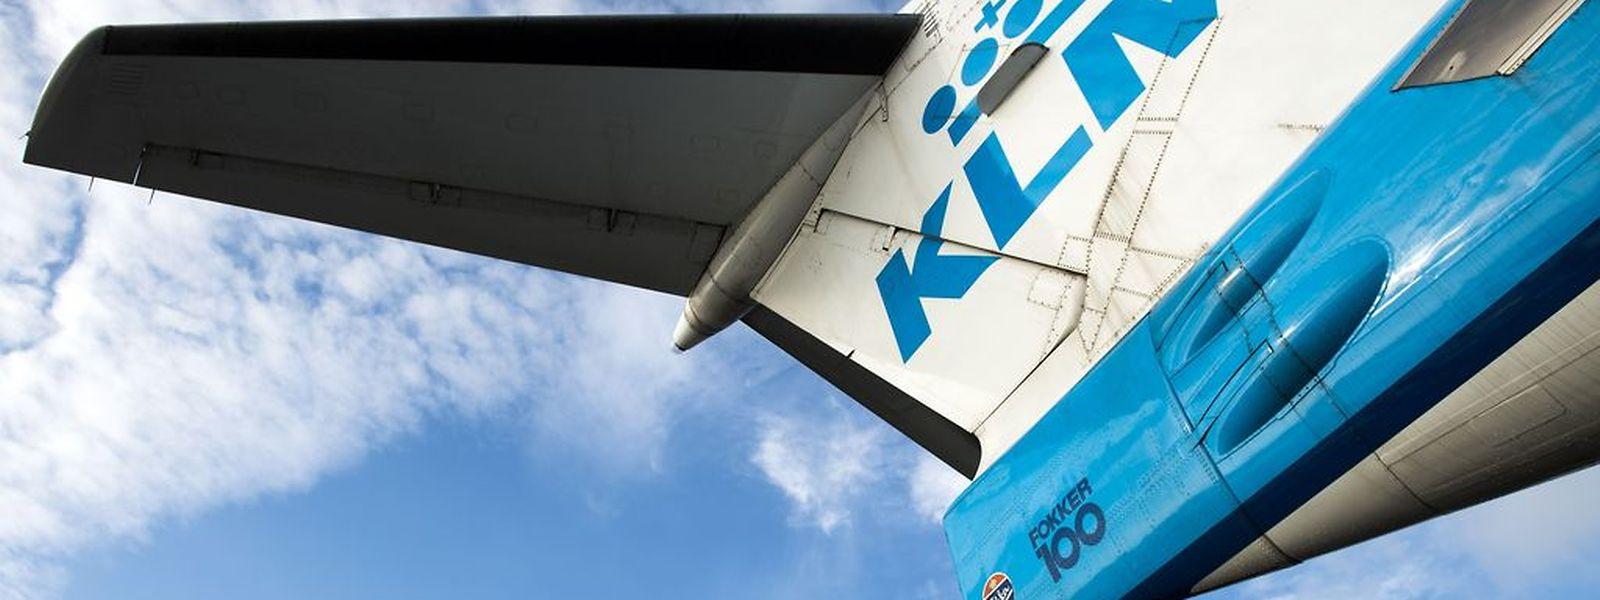 Die KLM Embraer musste wegen Rauchs in der Kabine einen unplanmäßigen Stopp auf Findel einlegen.